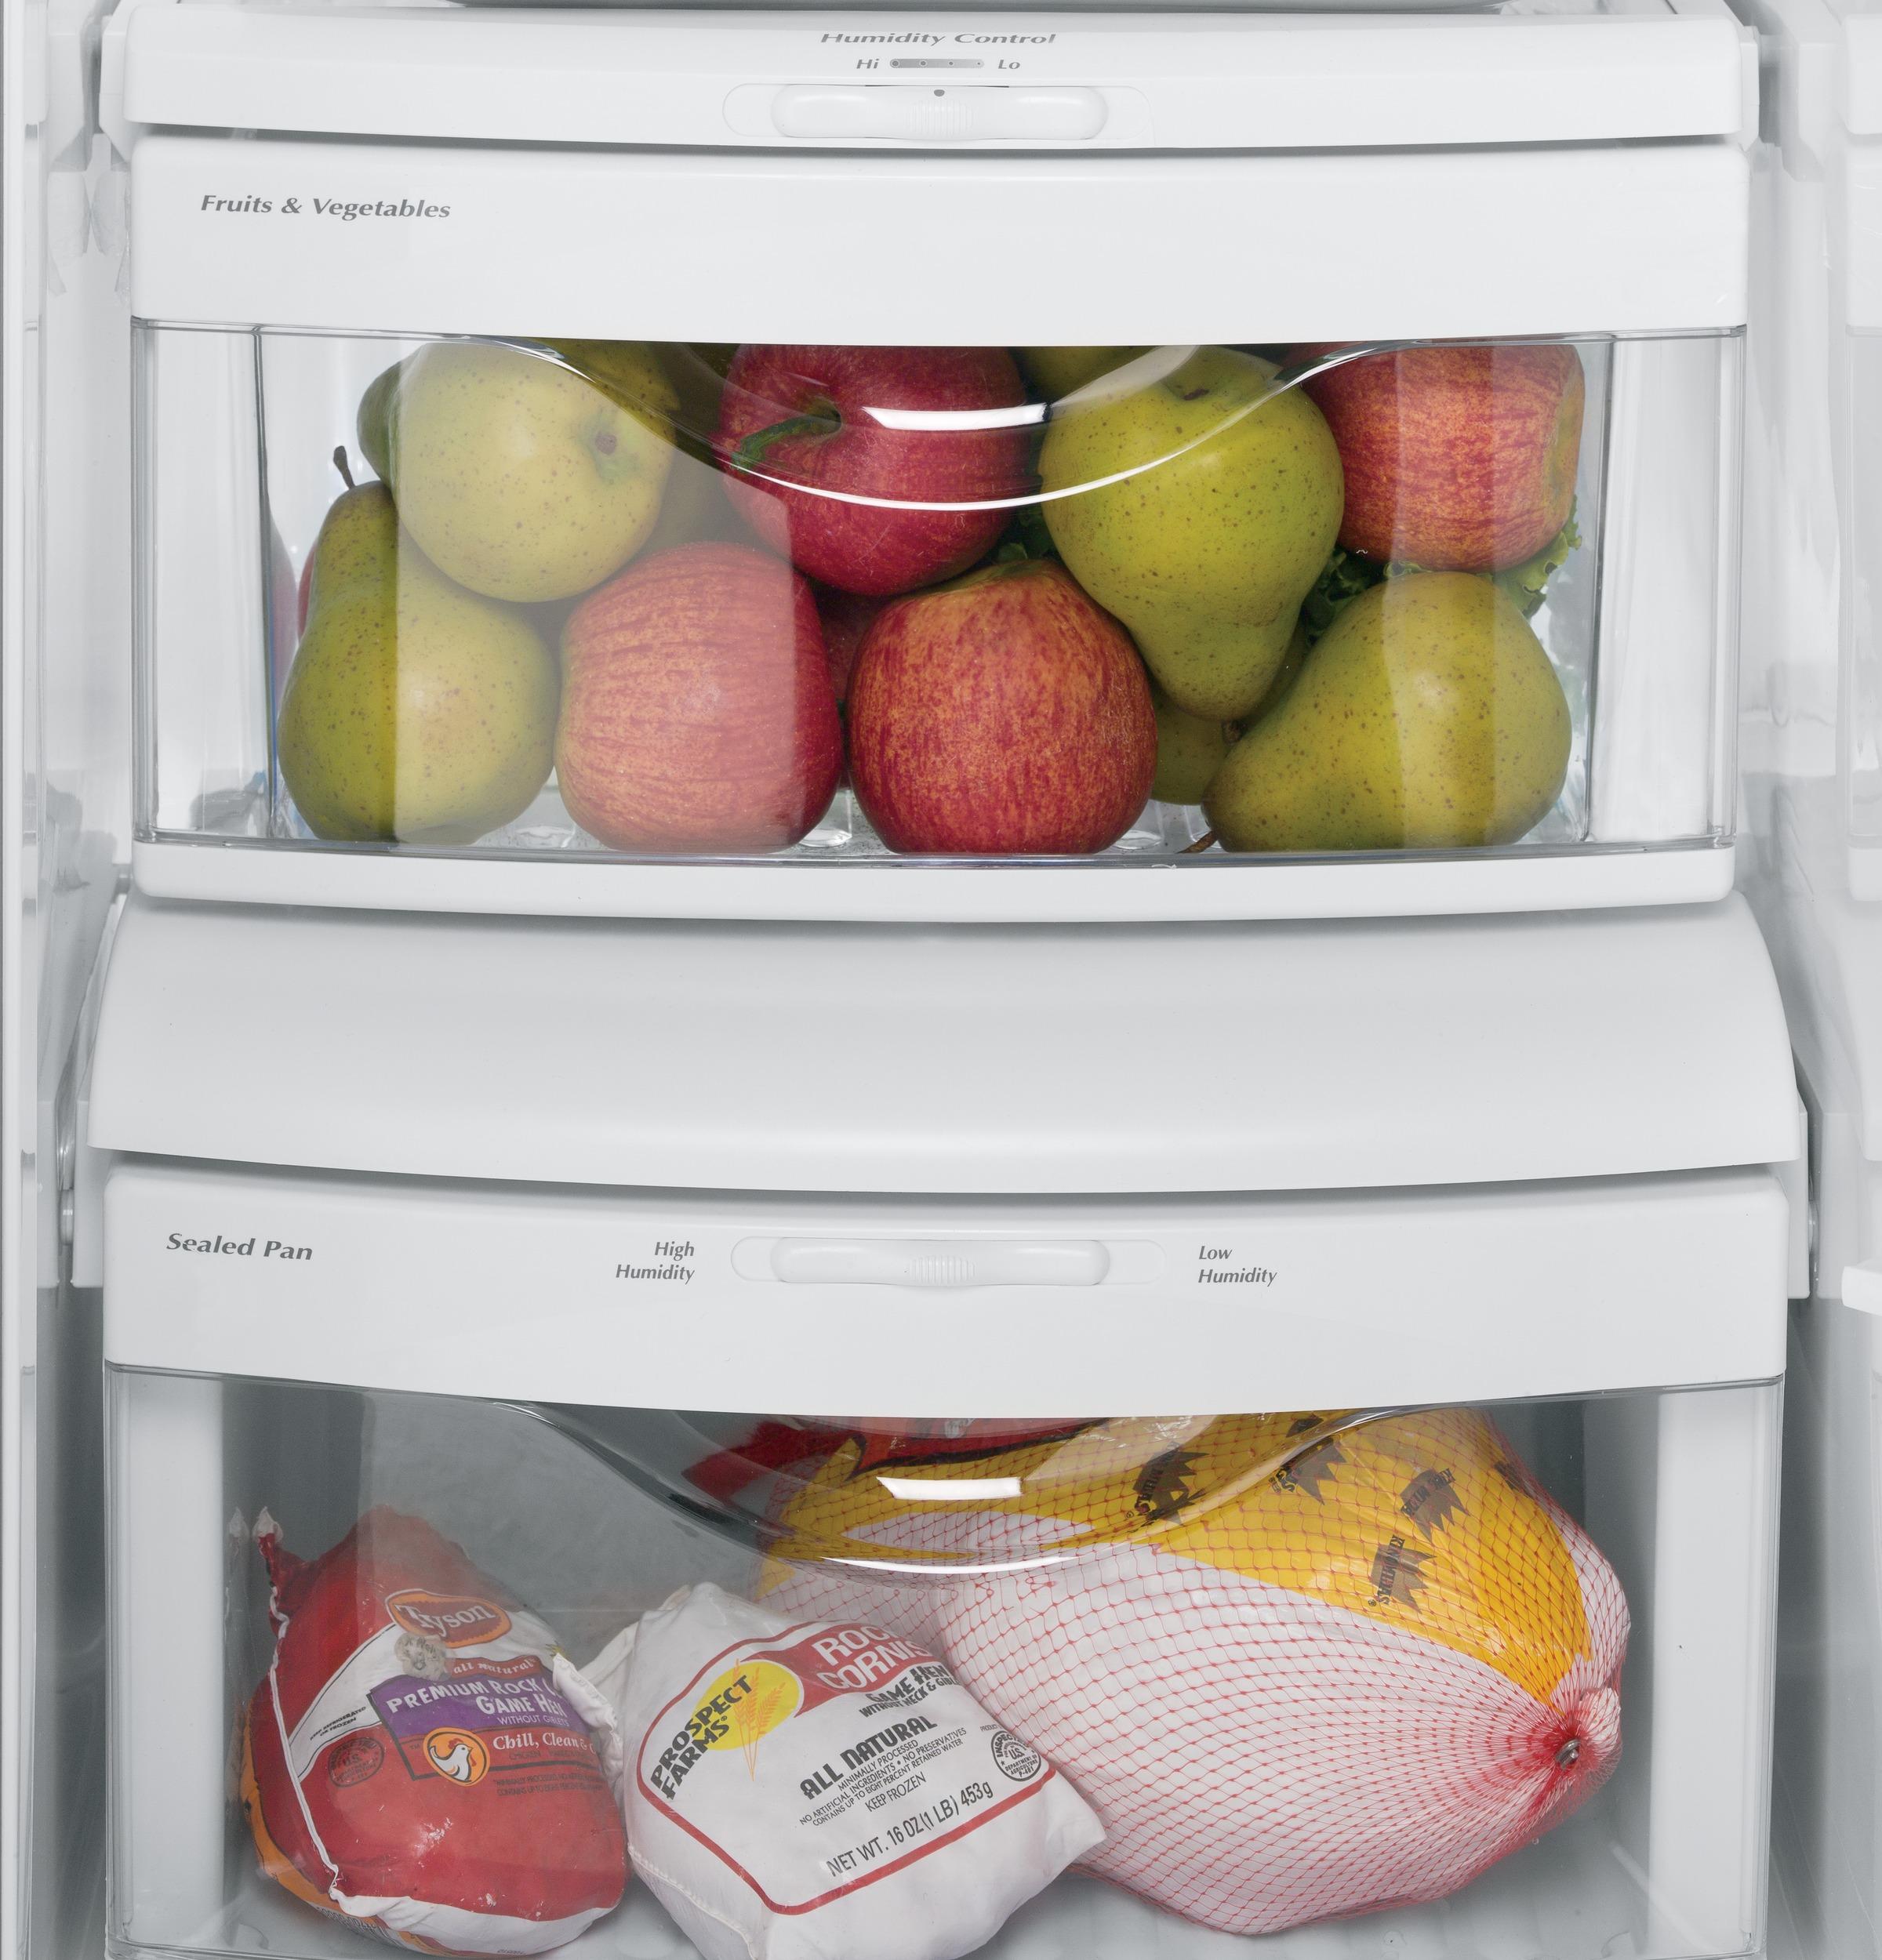 Model: GSS23GGKBB   GE GE® 23.2 Cu. Ft. Side-By-Side Refrigerator